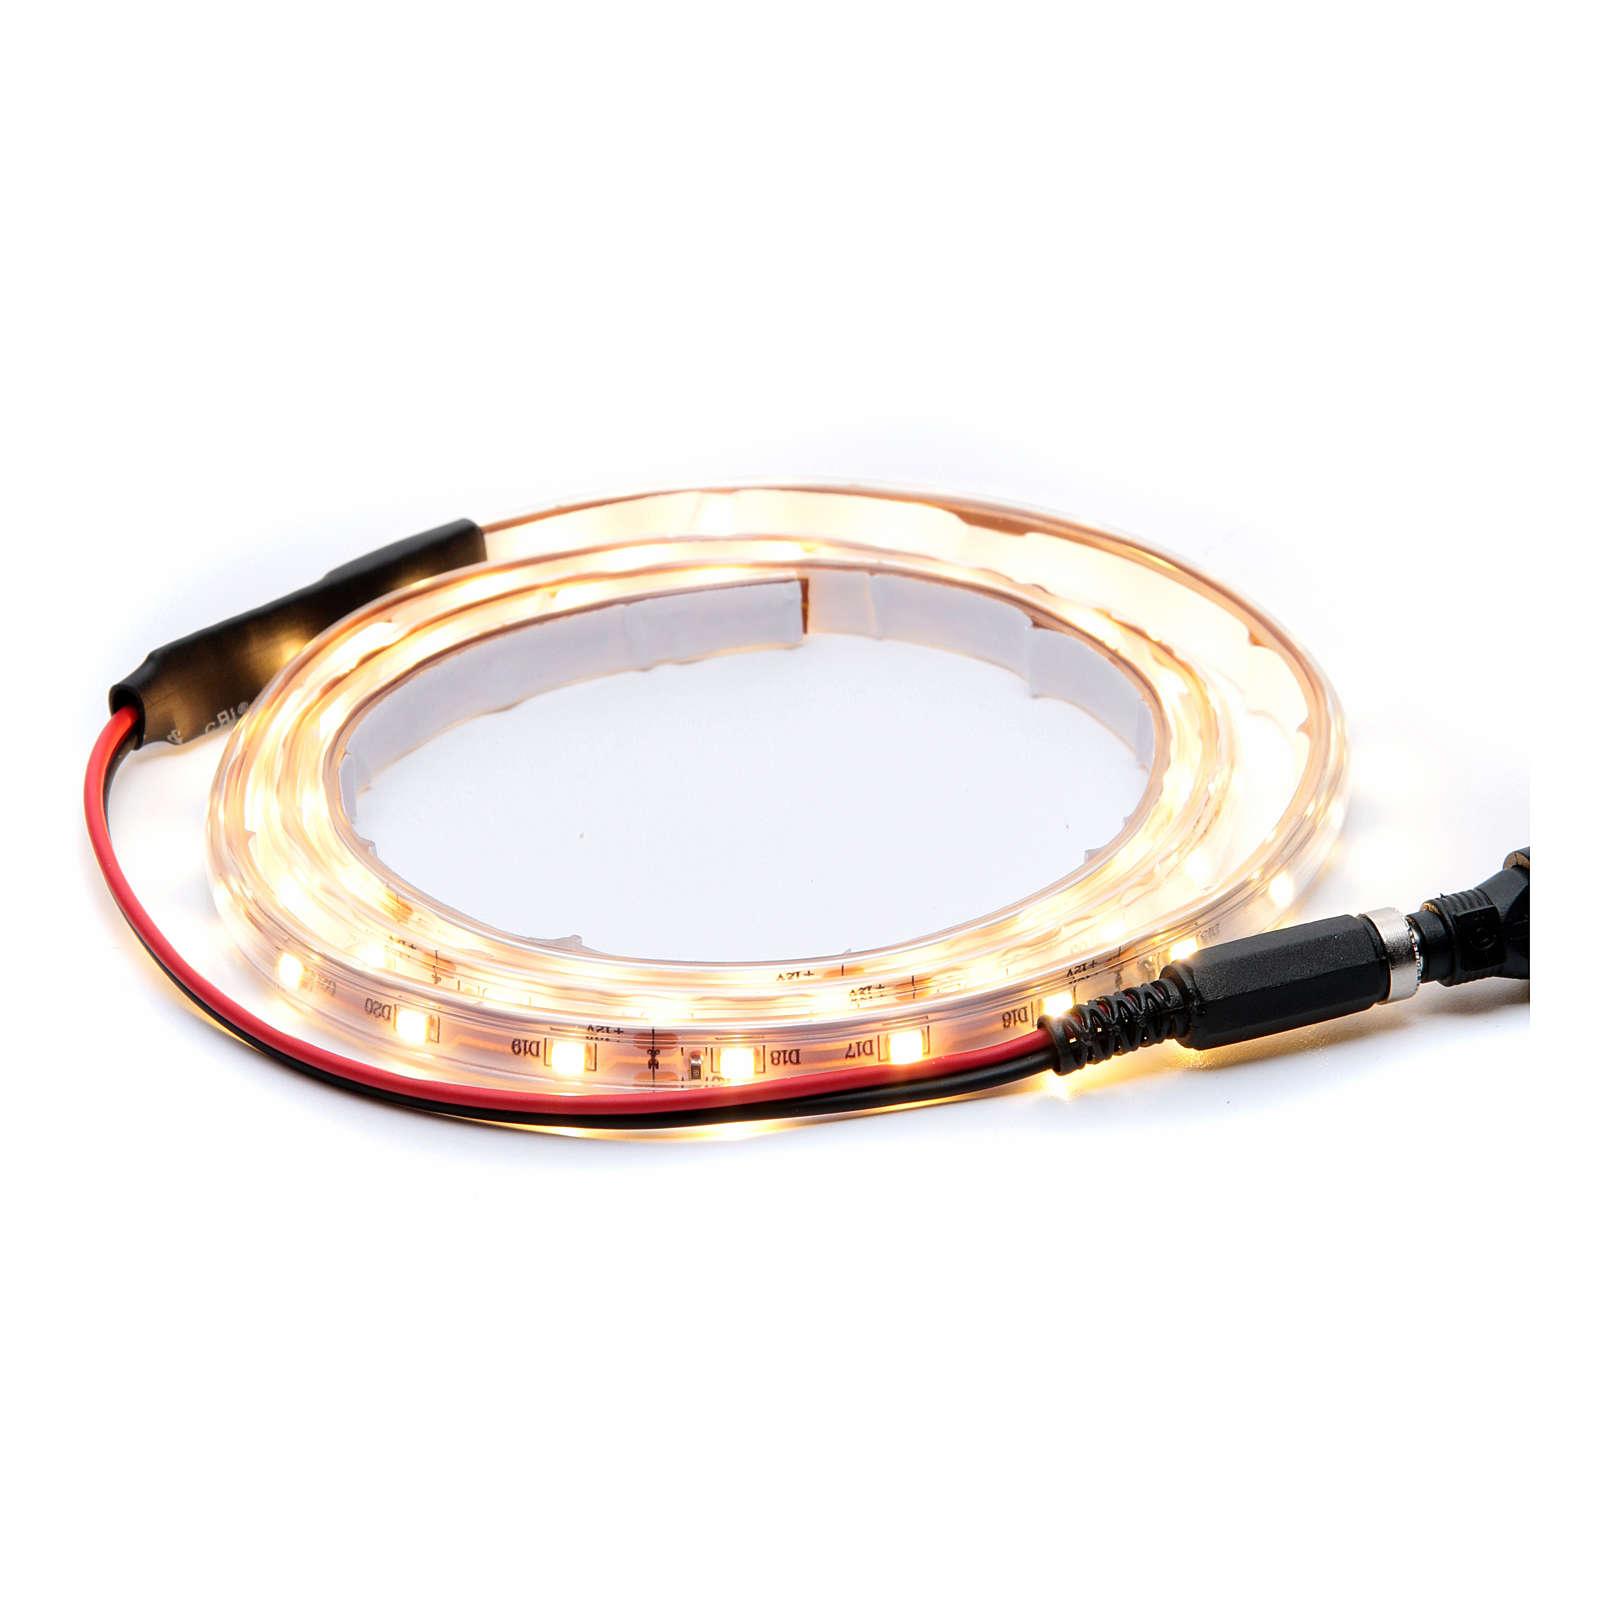 Striscia Led bianco caldo 1 m 30 led con connettore 4